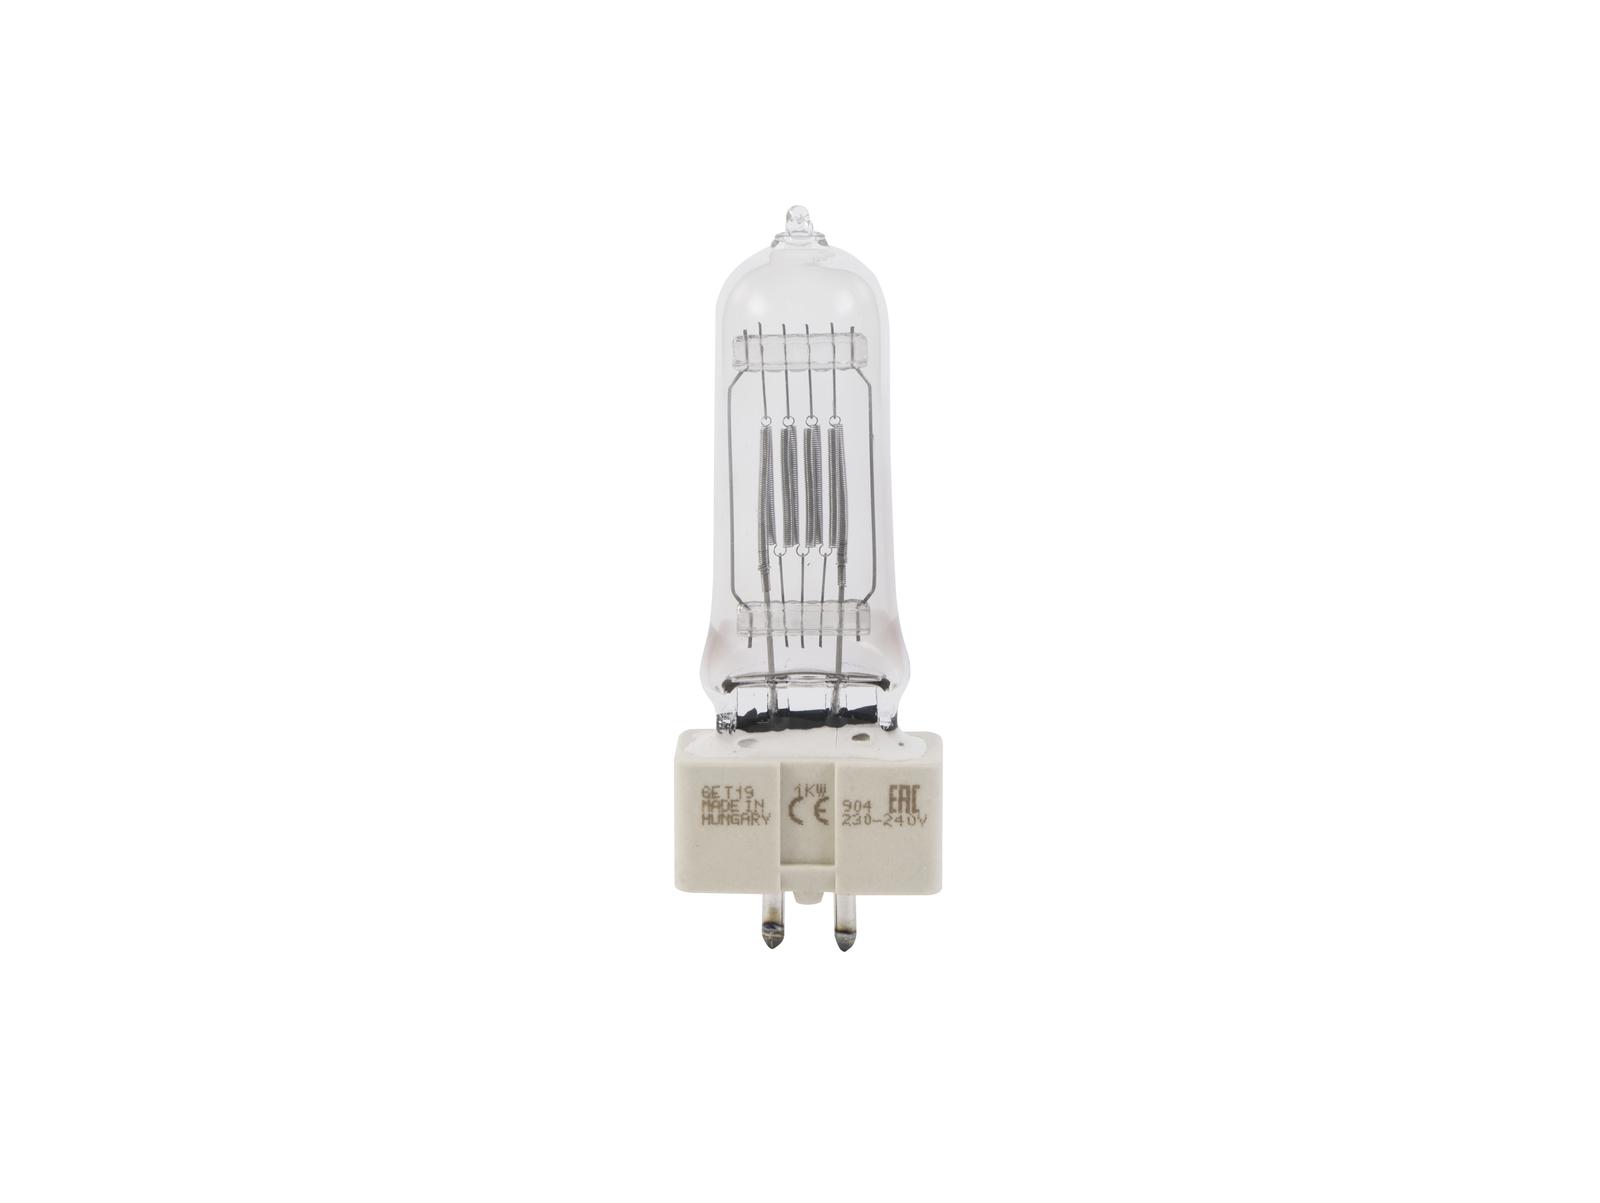 GE T19/240V 1000W GX-9.5 750h longlife